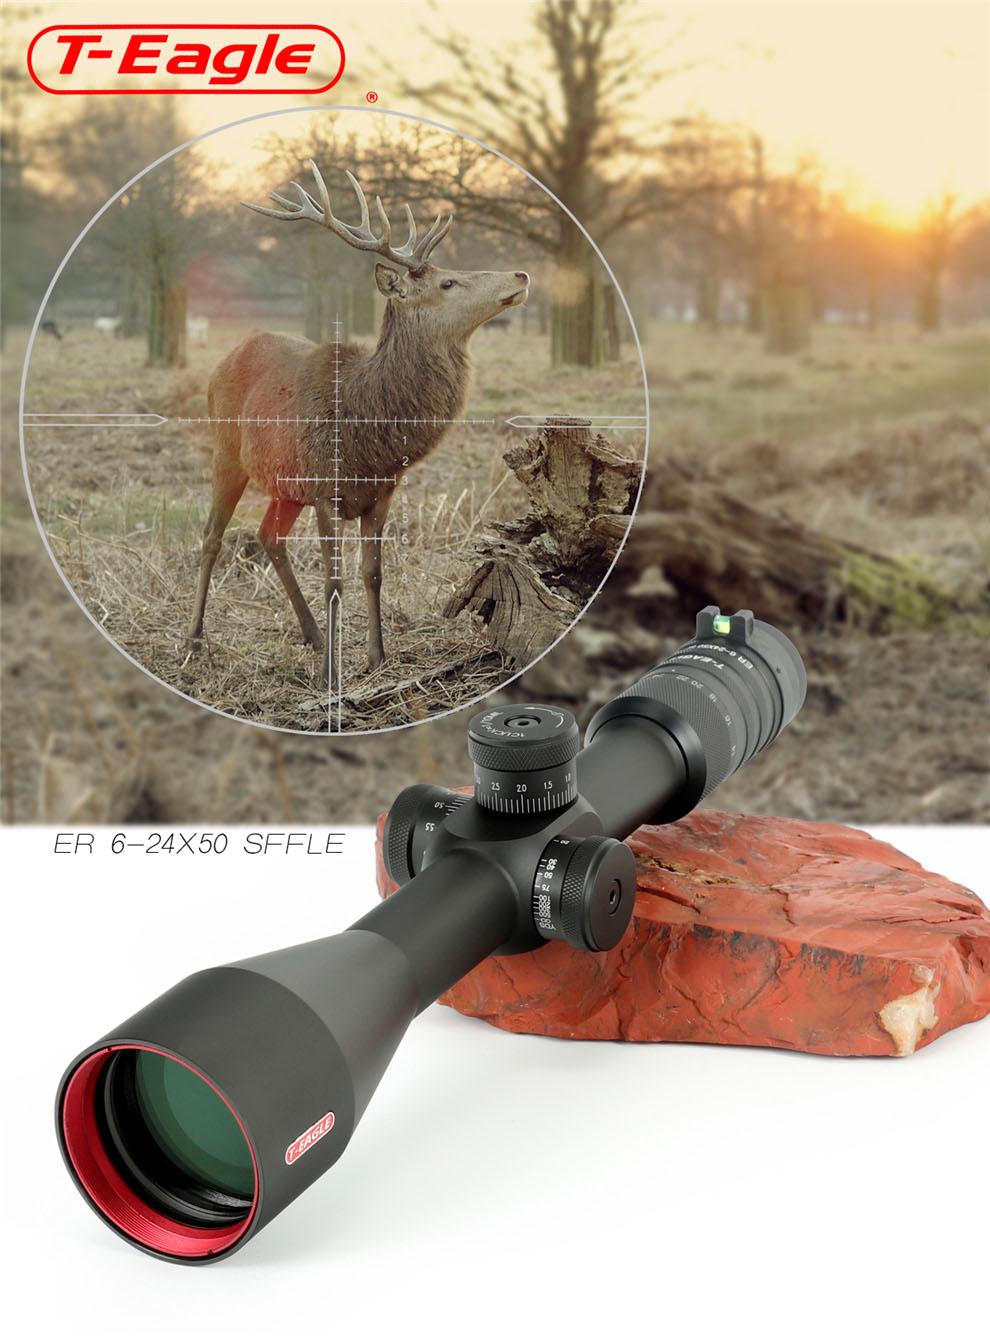 T-EAGLE ER 6-24X50 SFFLE Tactical Rifle Scopes pic-5